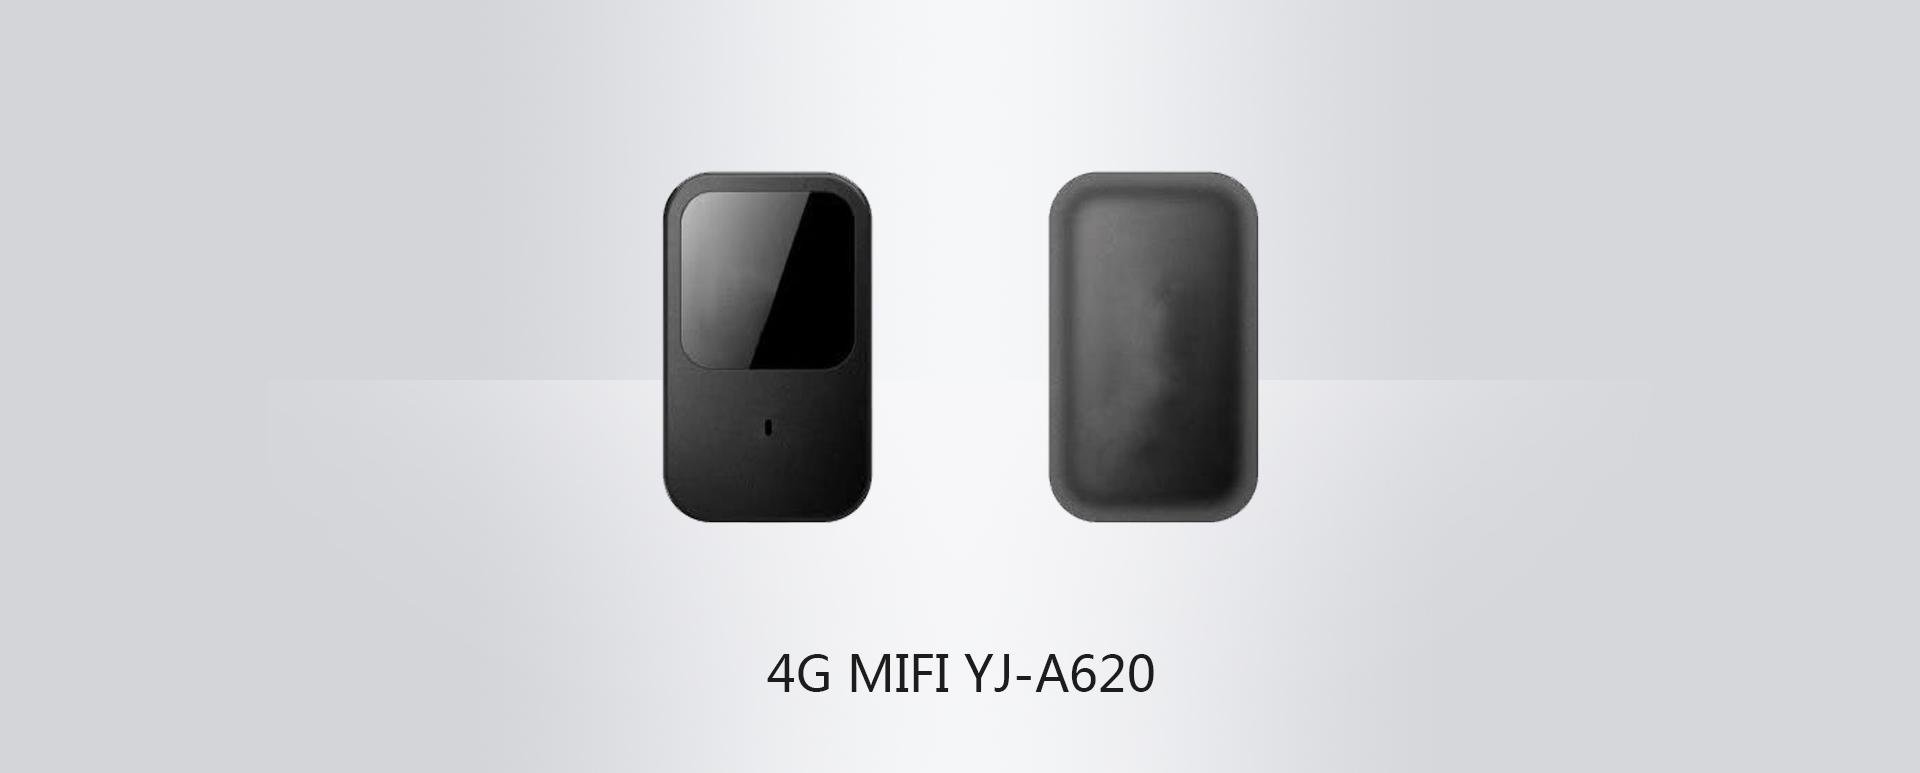 4G MIFI YJ-A620